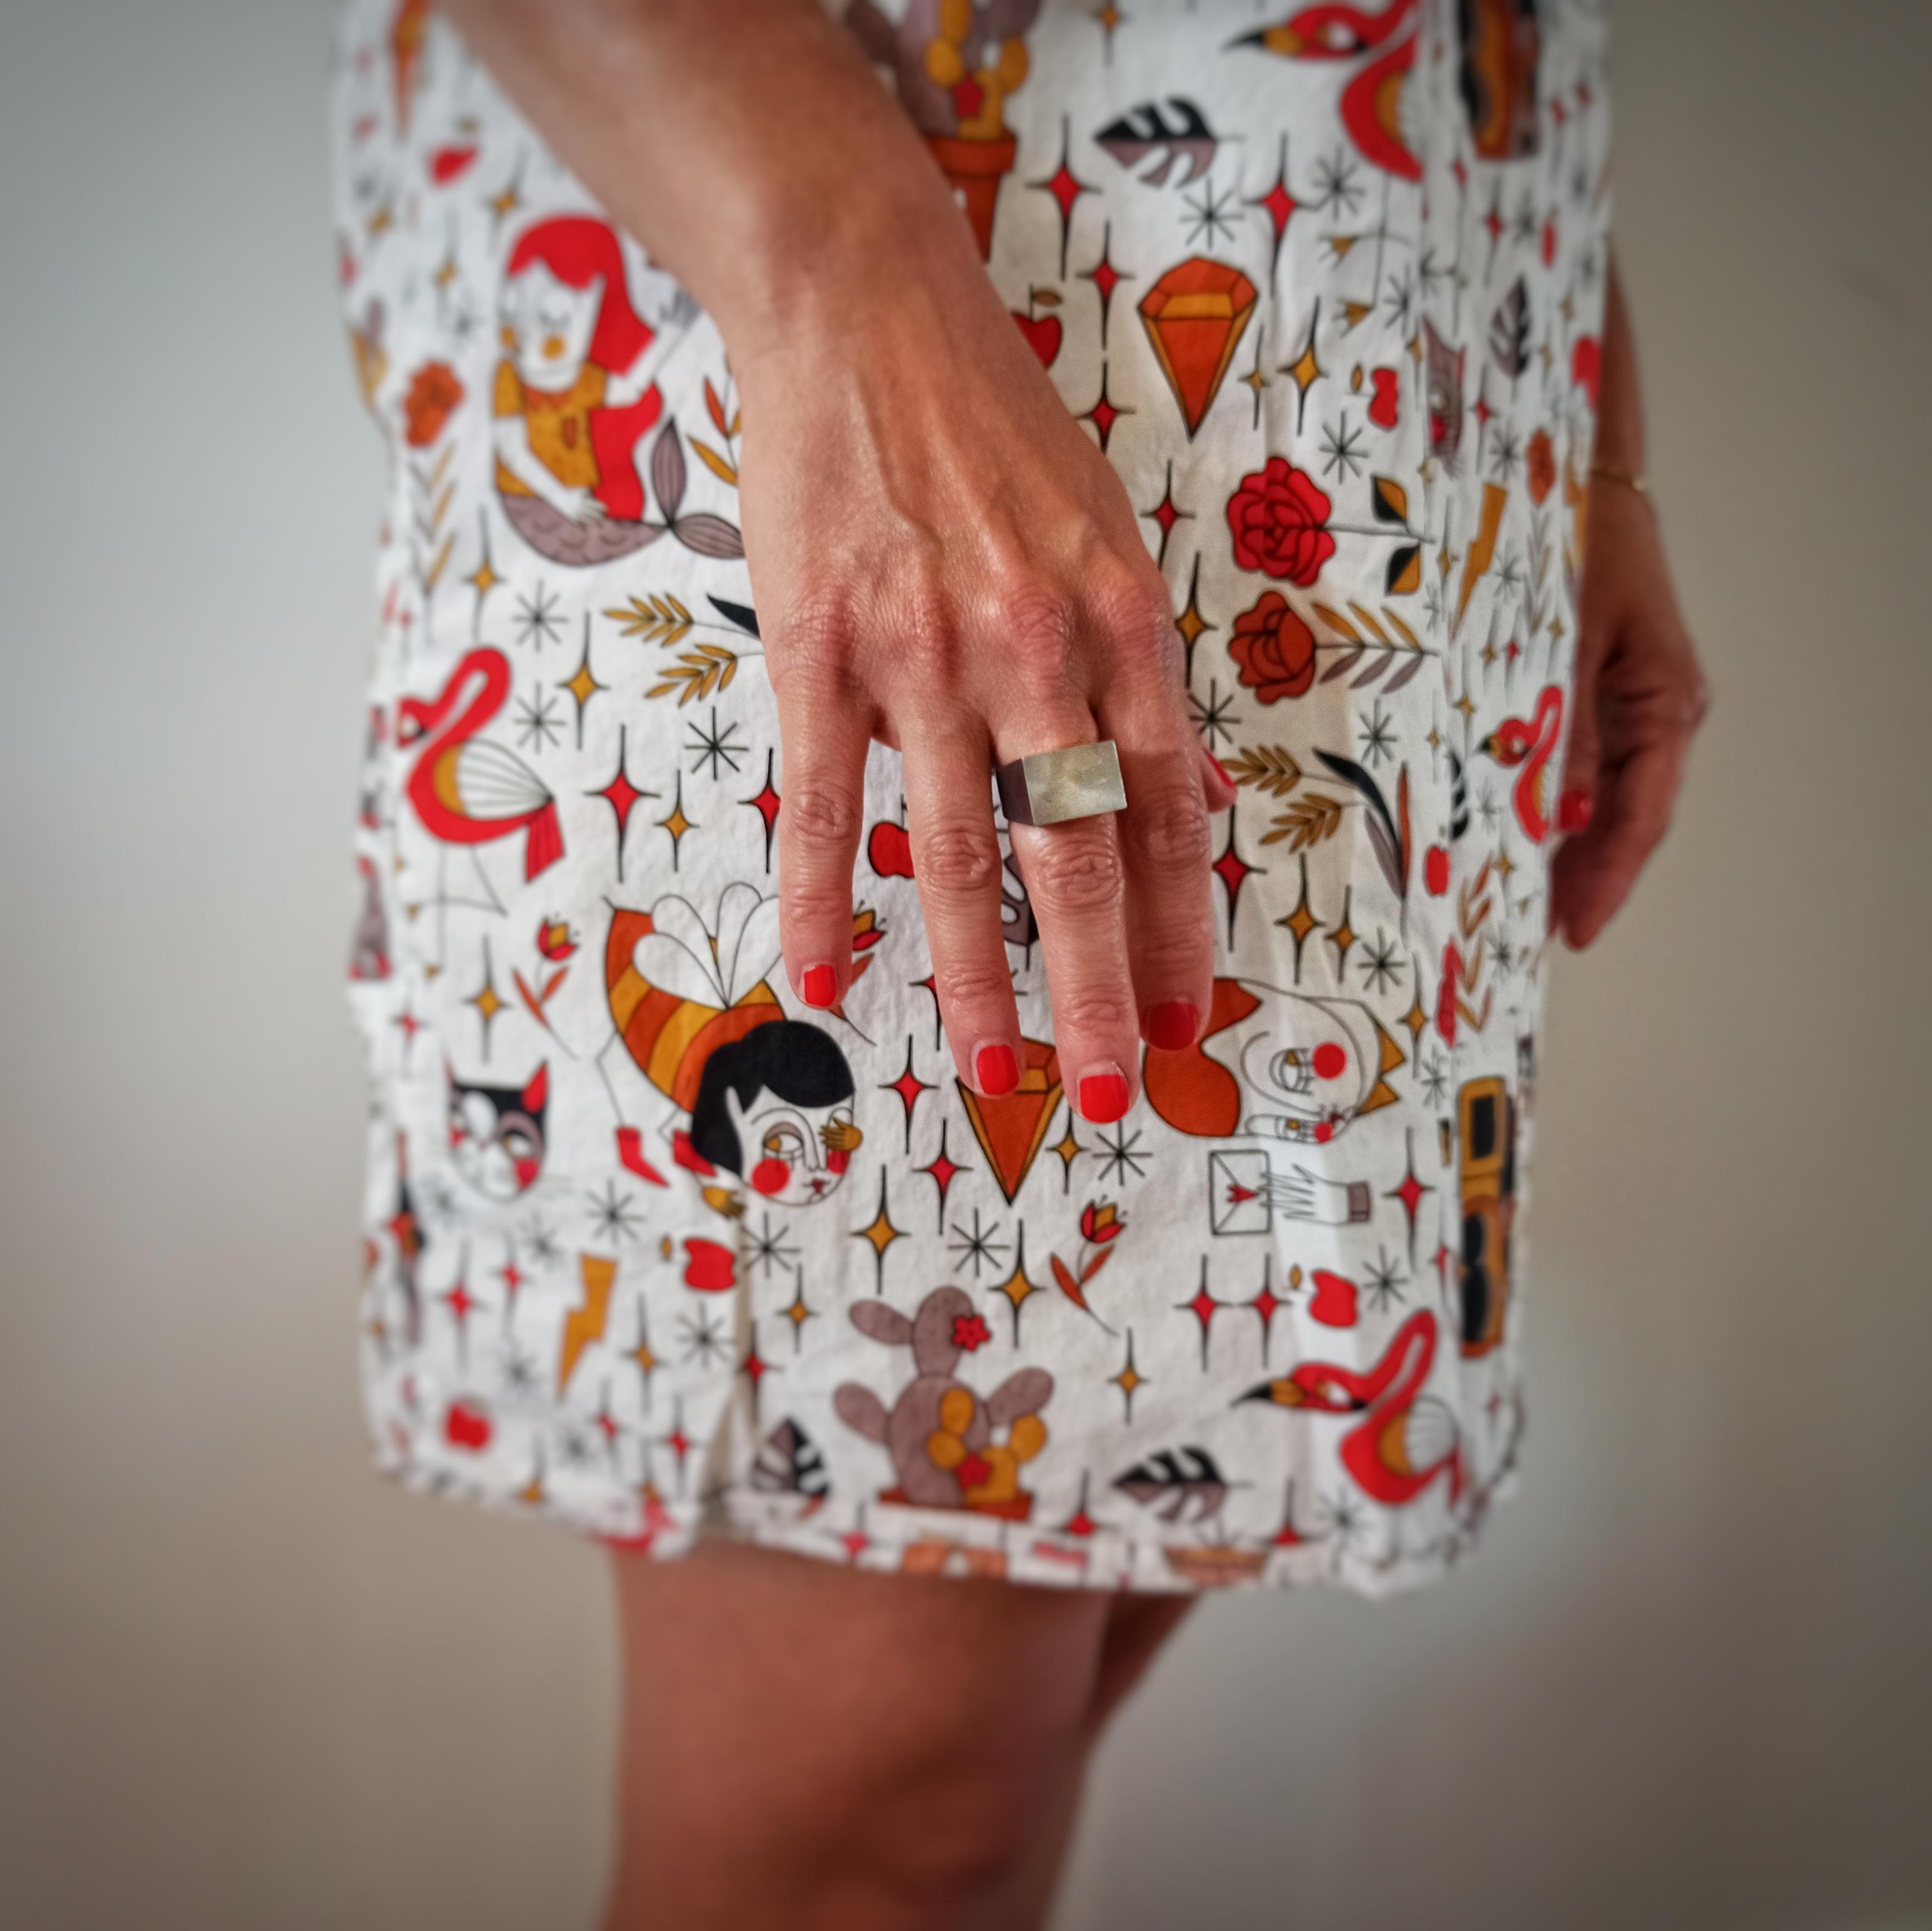 Mano di donna con anelli in acciaio e vestito fantasia